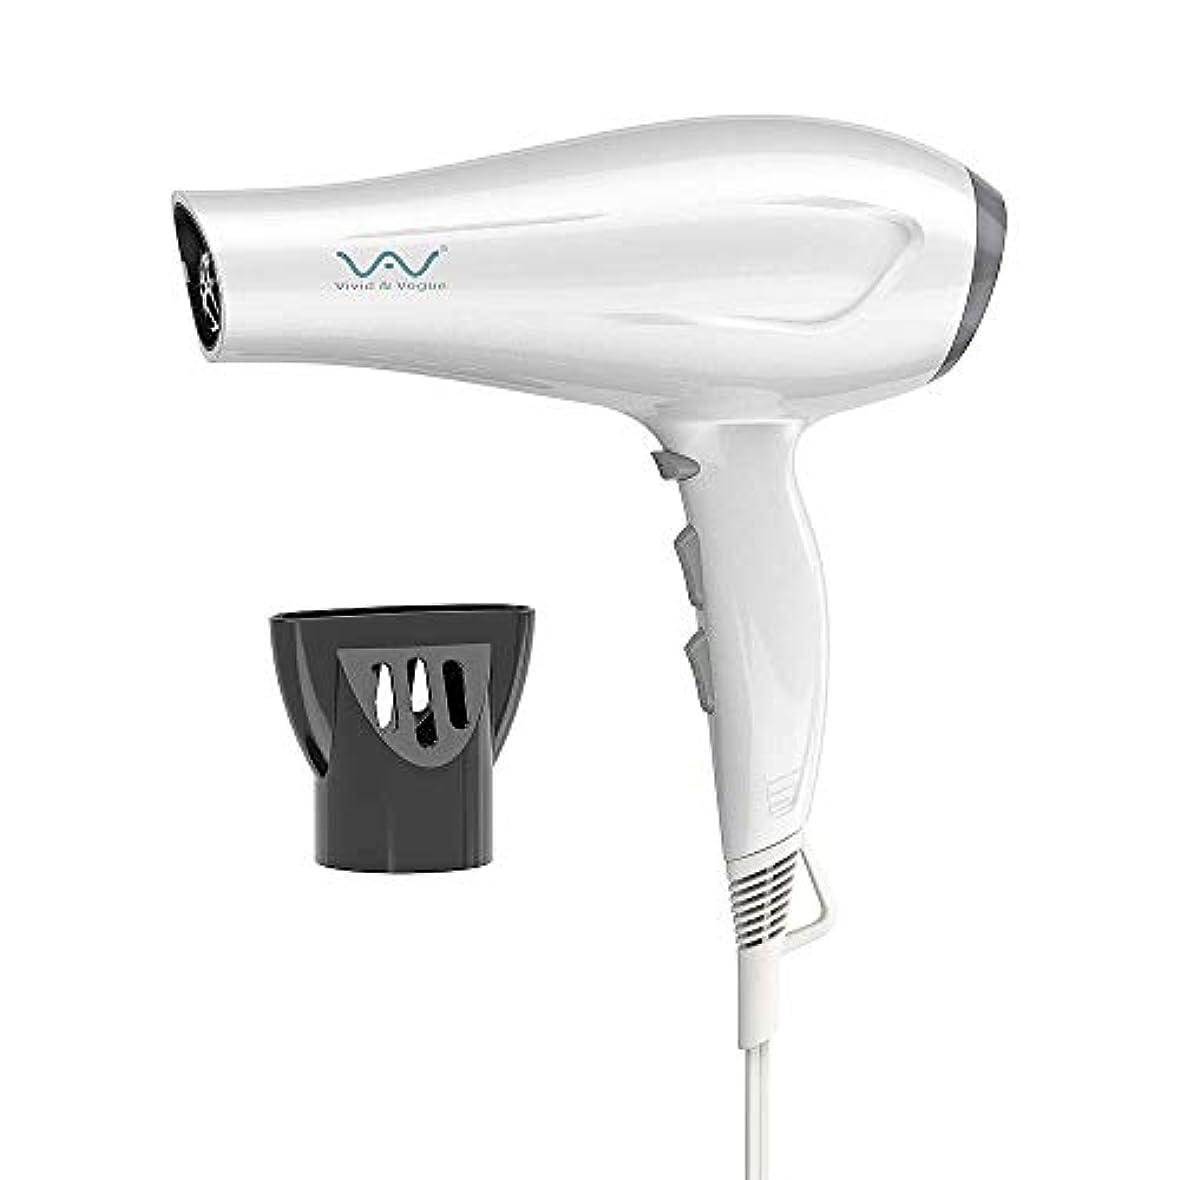 供給名前を作るマリナーVAV マイナスイオン ドライヤー 風温&風量調節可 1200W 大風量 家用 サロン用 ヘアドライヤー ヘアケア メンズ